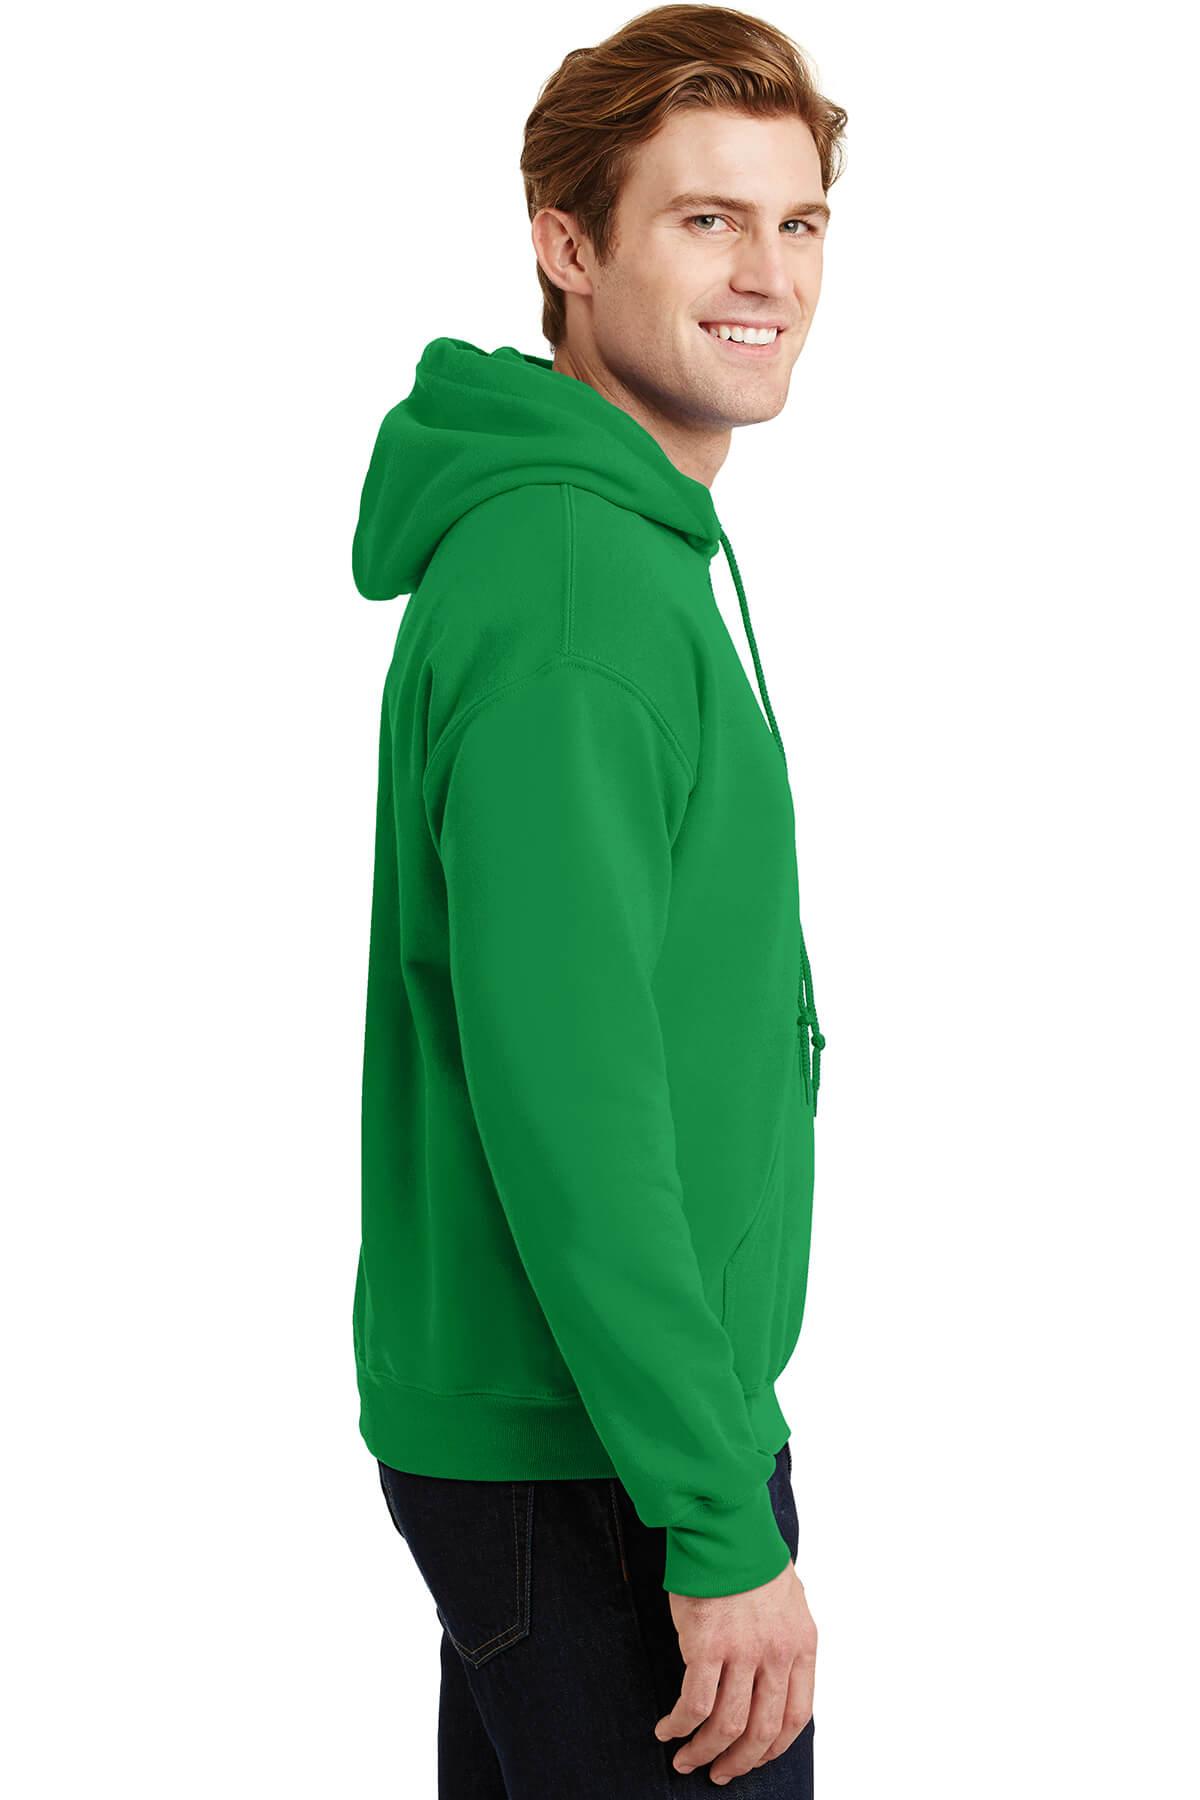 18500-irish-green-3